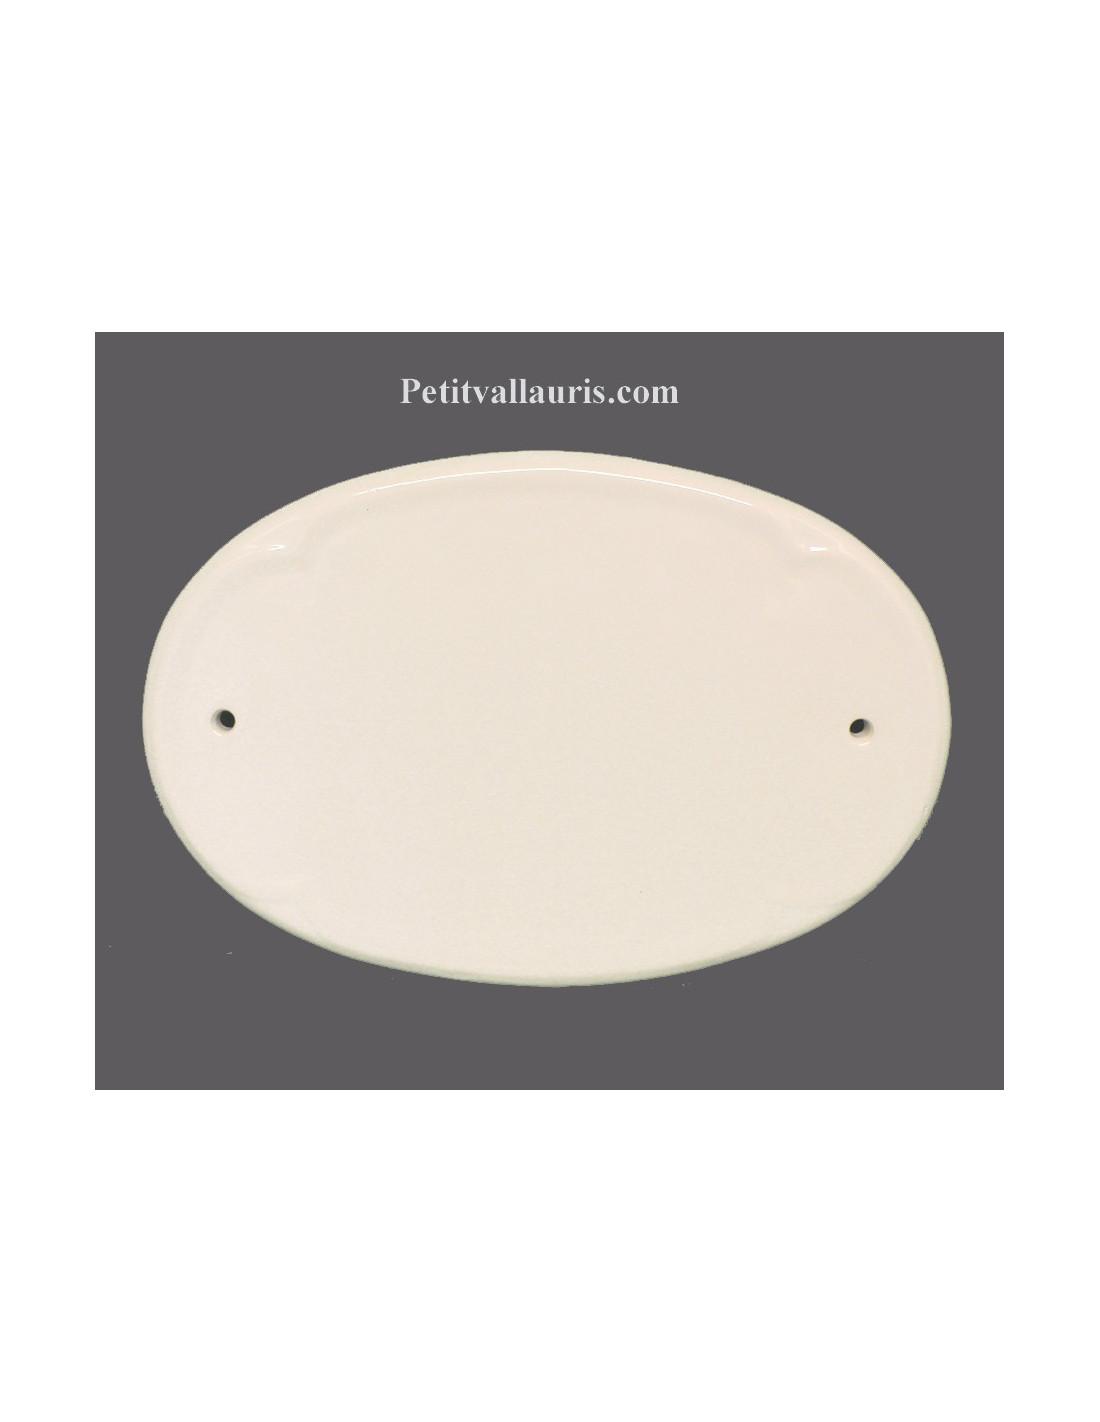 Plaque de porte ovale en c ramique unie blanche le petit vallauris - Adresse mail reclamation blanche porte ...